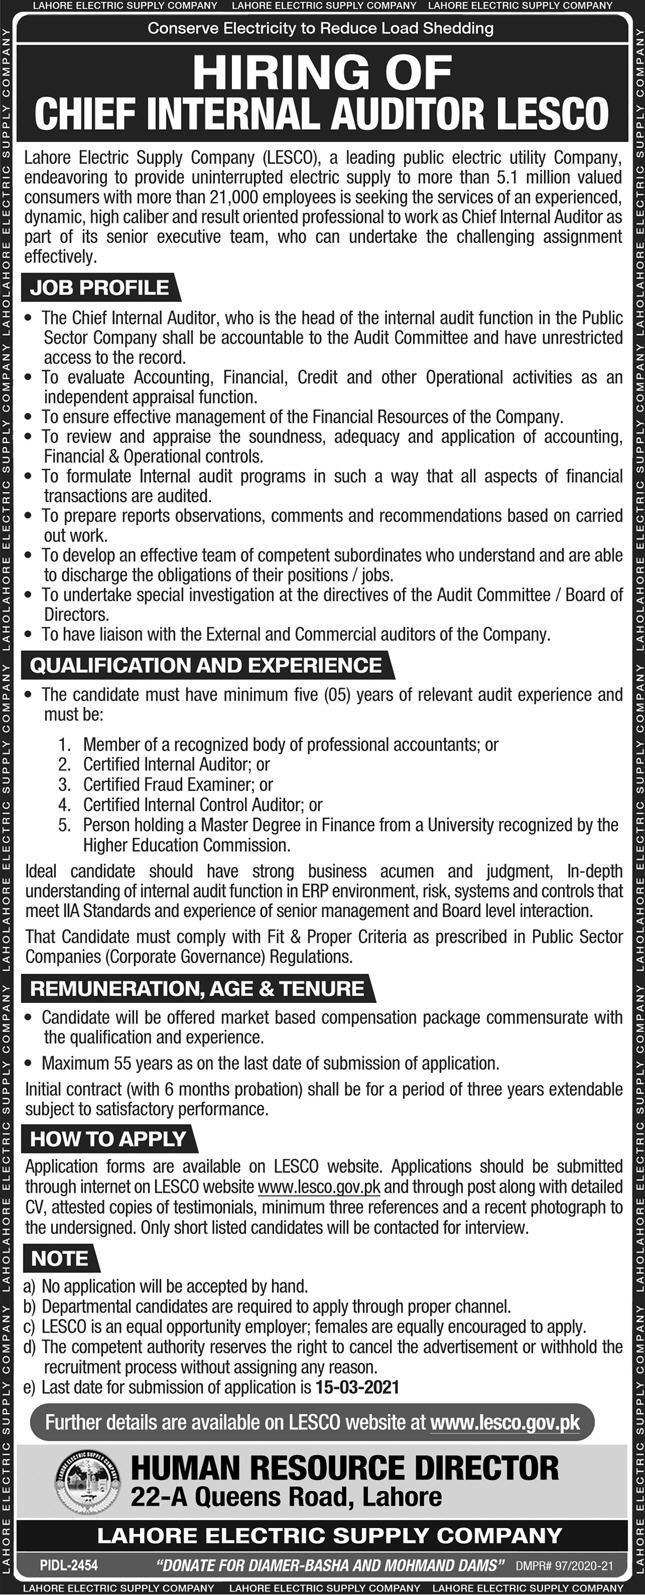 LESCO Careers - WAPDA LESCO Jobs 2021 - LESCO WAPDA Jobs - LESCO Jobs 2021 - Lahore Electric Supply Company Jobs 2021 - www.lesco.job.gov.pk - Online Apply - www.lesco.gov.pk